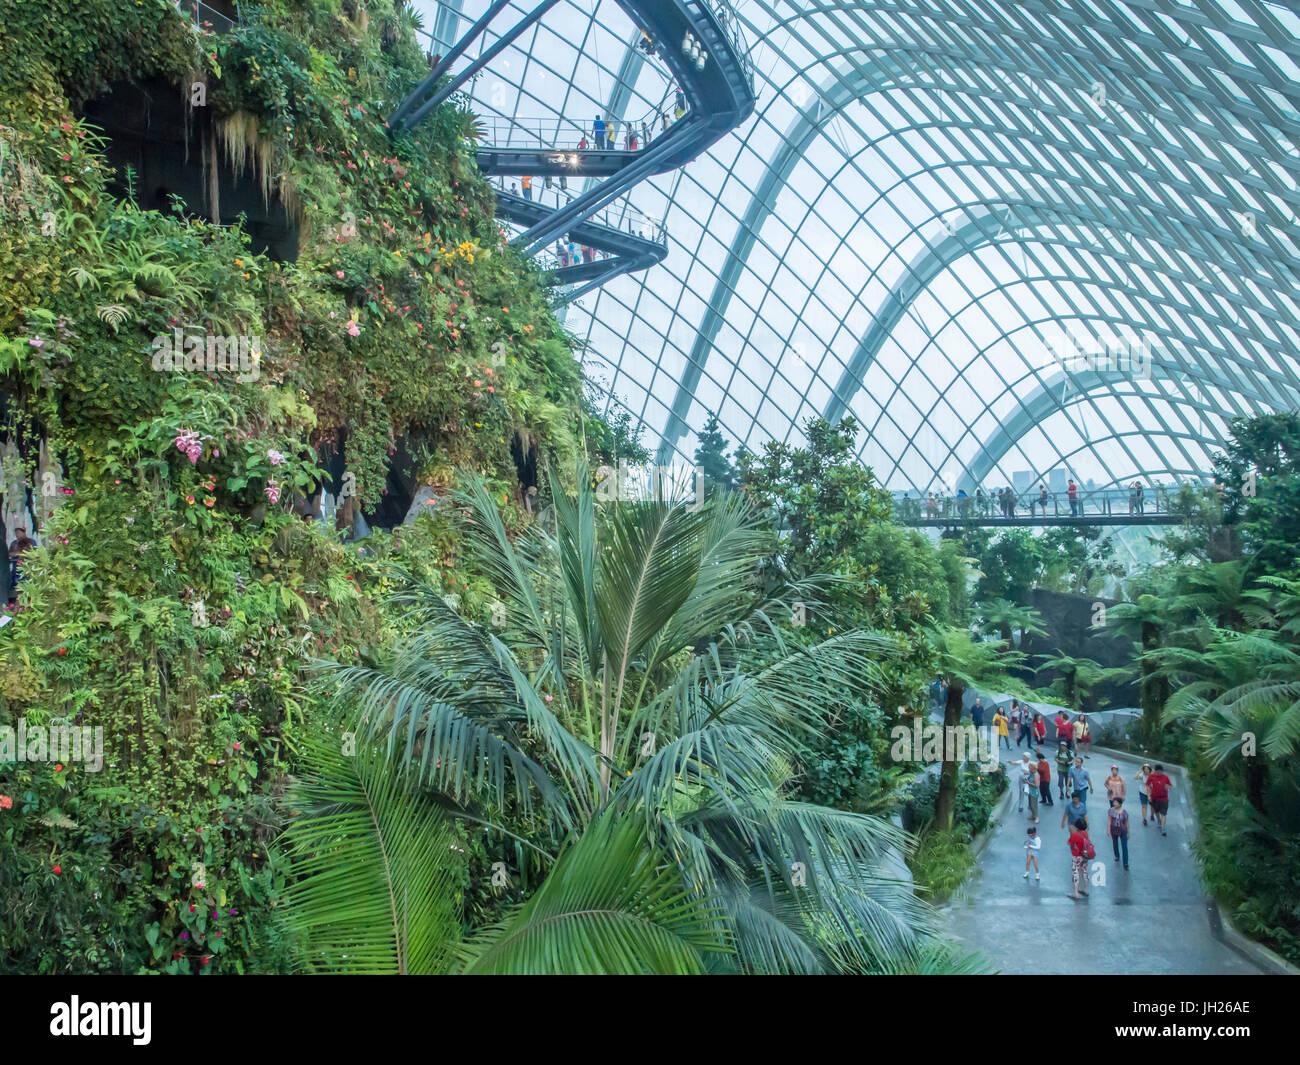 AuBergewohnlich Indoor Regenwald Garten, Gärten Von Bay, Singapur, Südostasien, Asien